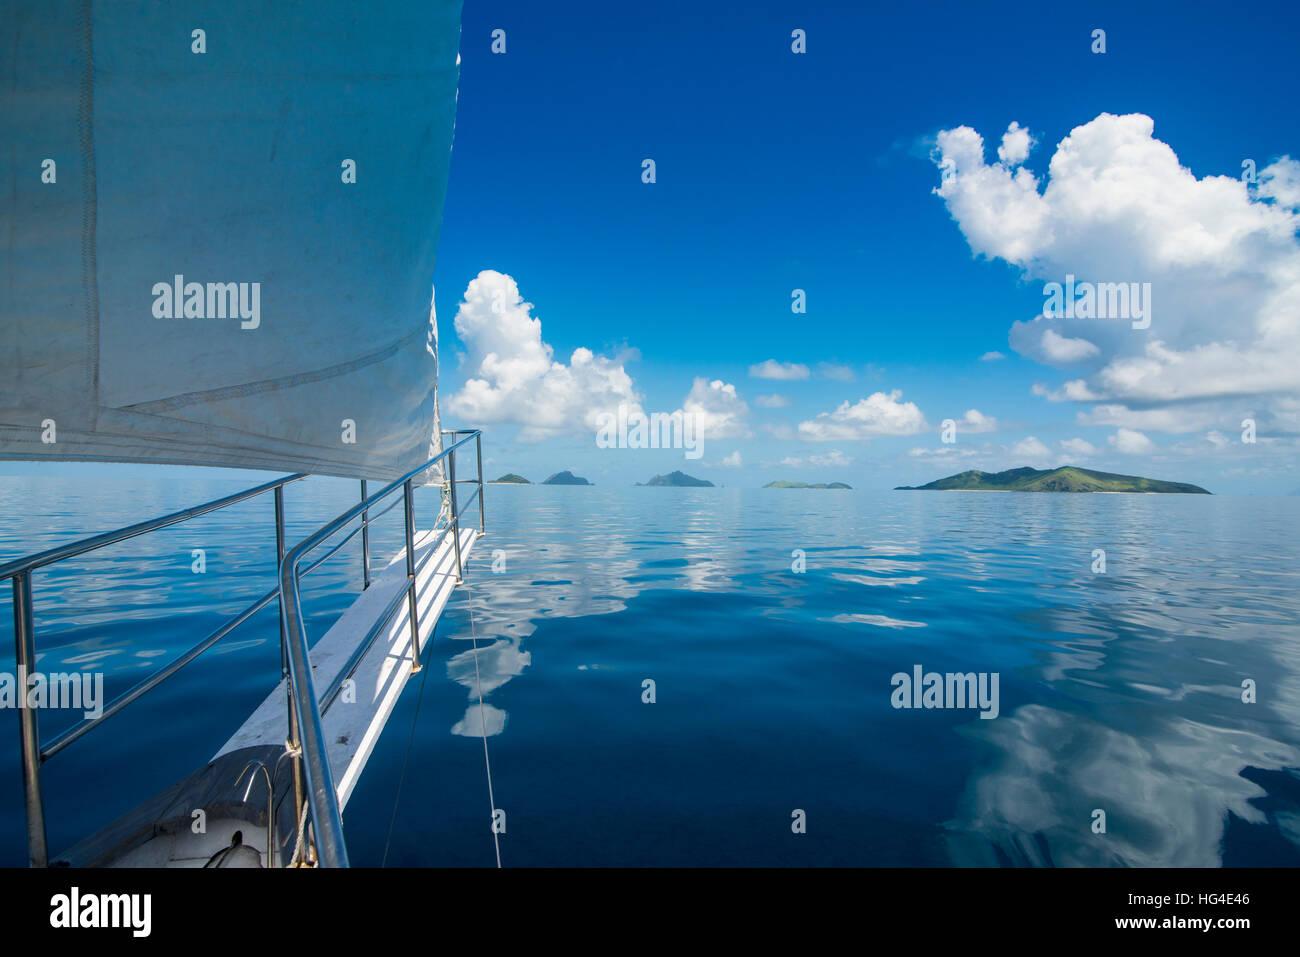 Barca a vela Nei molto piatte acque delle Isole Mamanuca, Figi e Sud Pacifico Immagini Stock